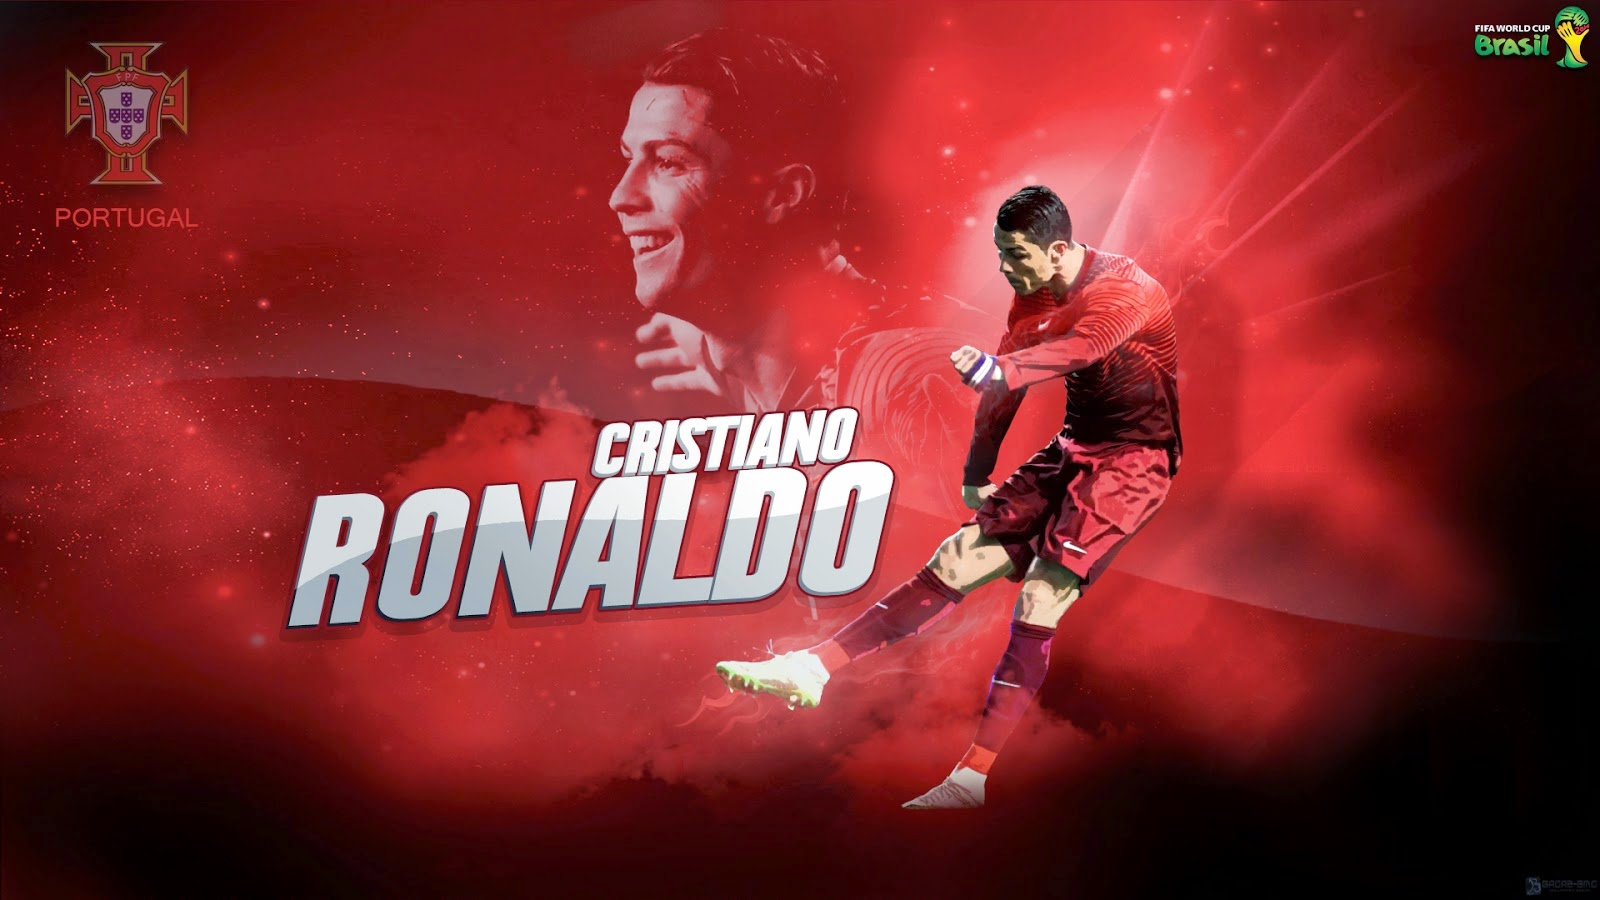 Cristiano ronaldo fan zone wallpaper cristiano ronaldo - C ronaldo wallpaper portugal ...